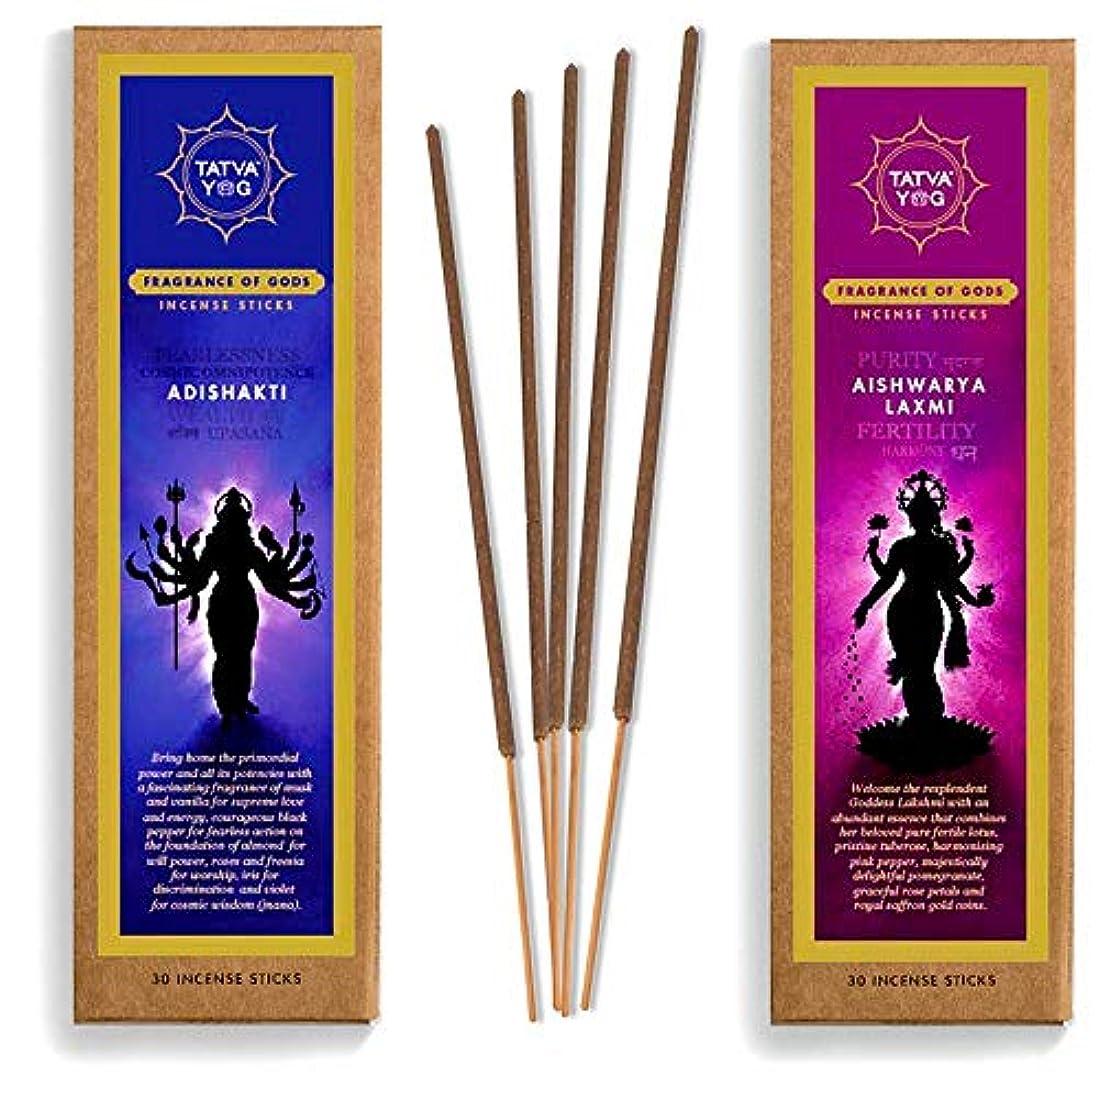 プログラム隣接ビリーヤギTatva YOG Adishakti and Aishwarya Lakshmi Handcrafted Natural Masala Incense Sticks for Daily Pooja|Festive|Office...